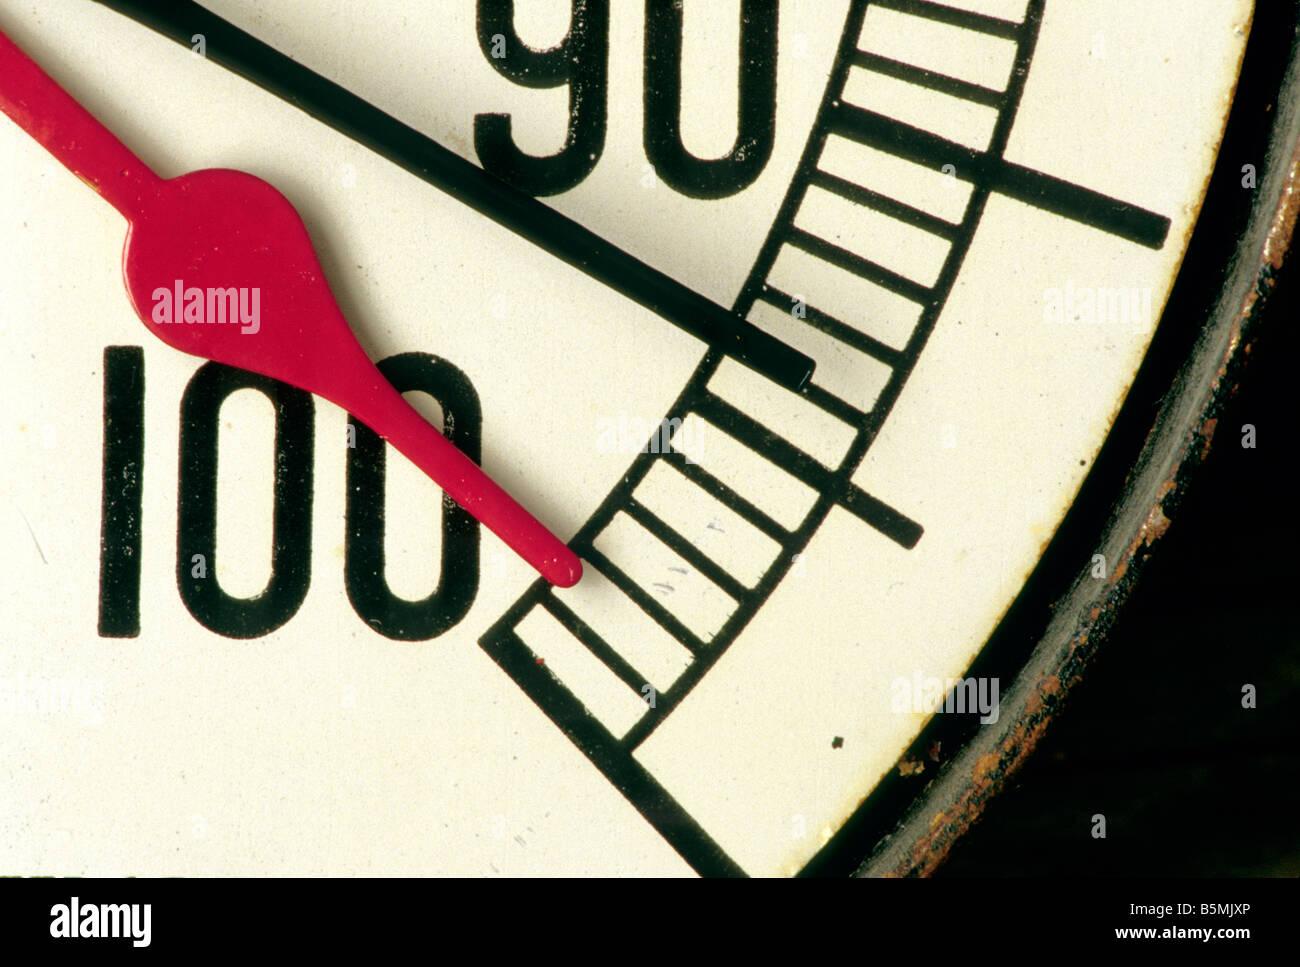 Manometro, rosso nero indicatori. Immagini Stock